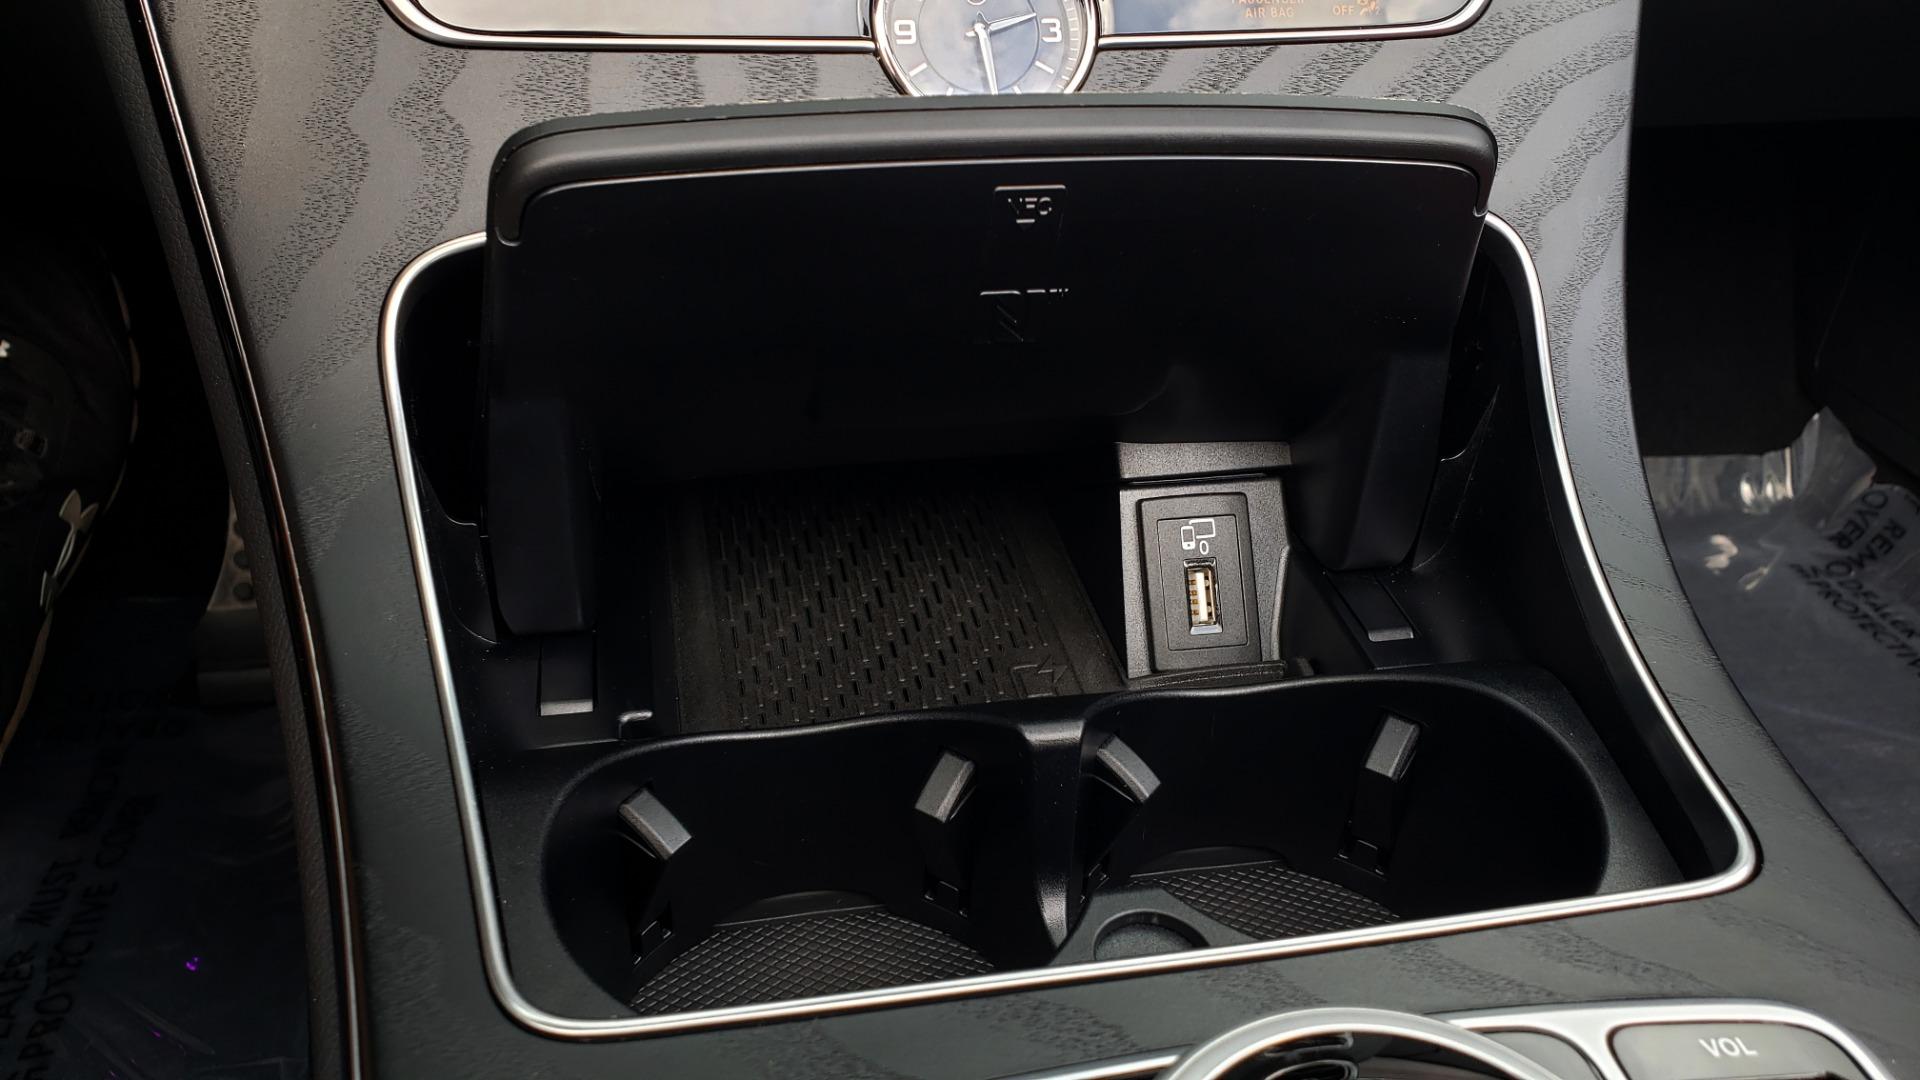 Used 2019 Mercedes-Benz C-CLASS C 300 CABRIOLET / PREM PKG / NAV / BURMESTER / MULTIMEDIA for sale $49,995 at Formula Imports in Charlotte NC 28227 50